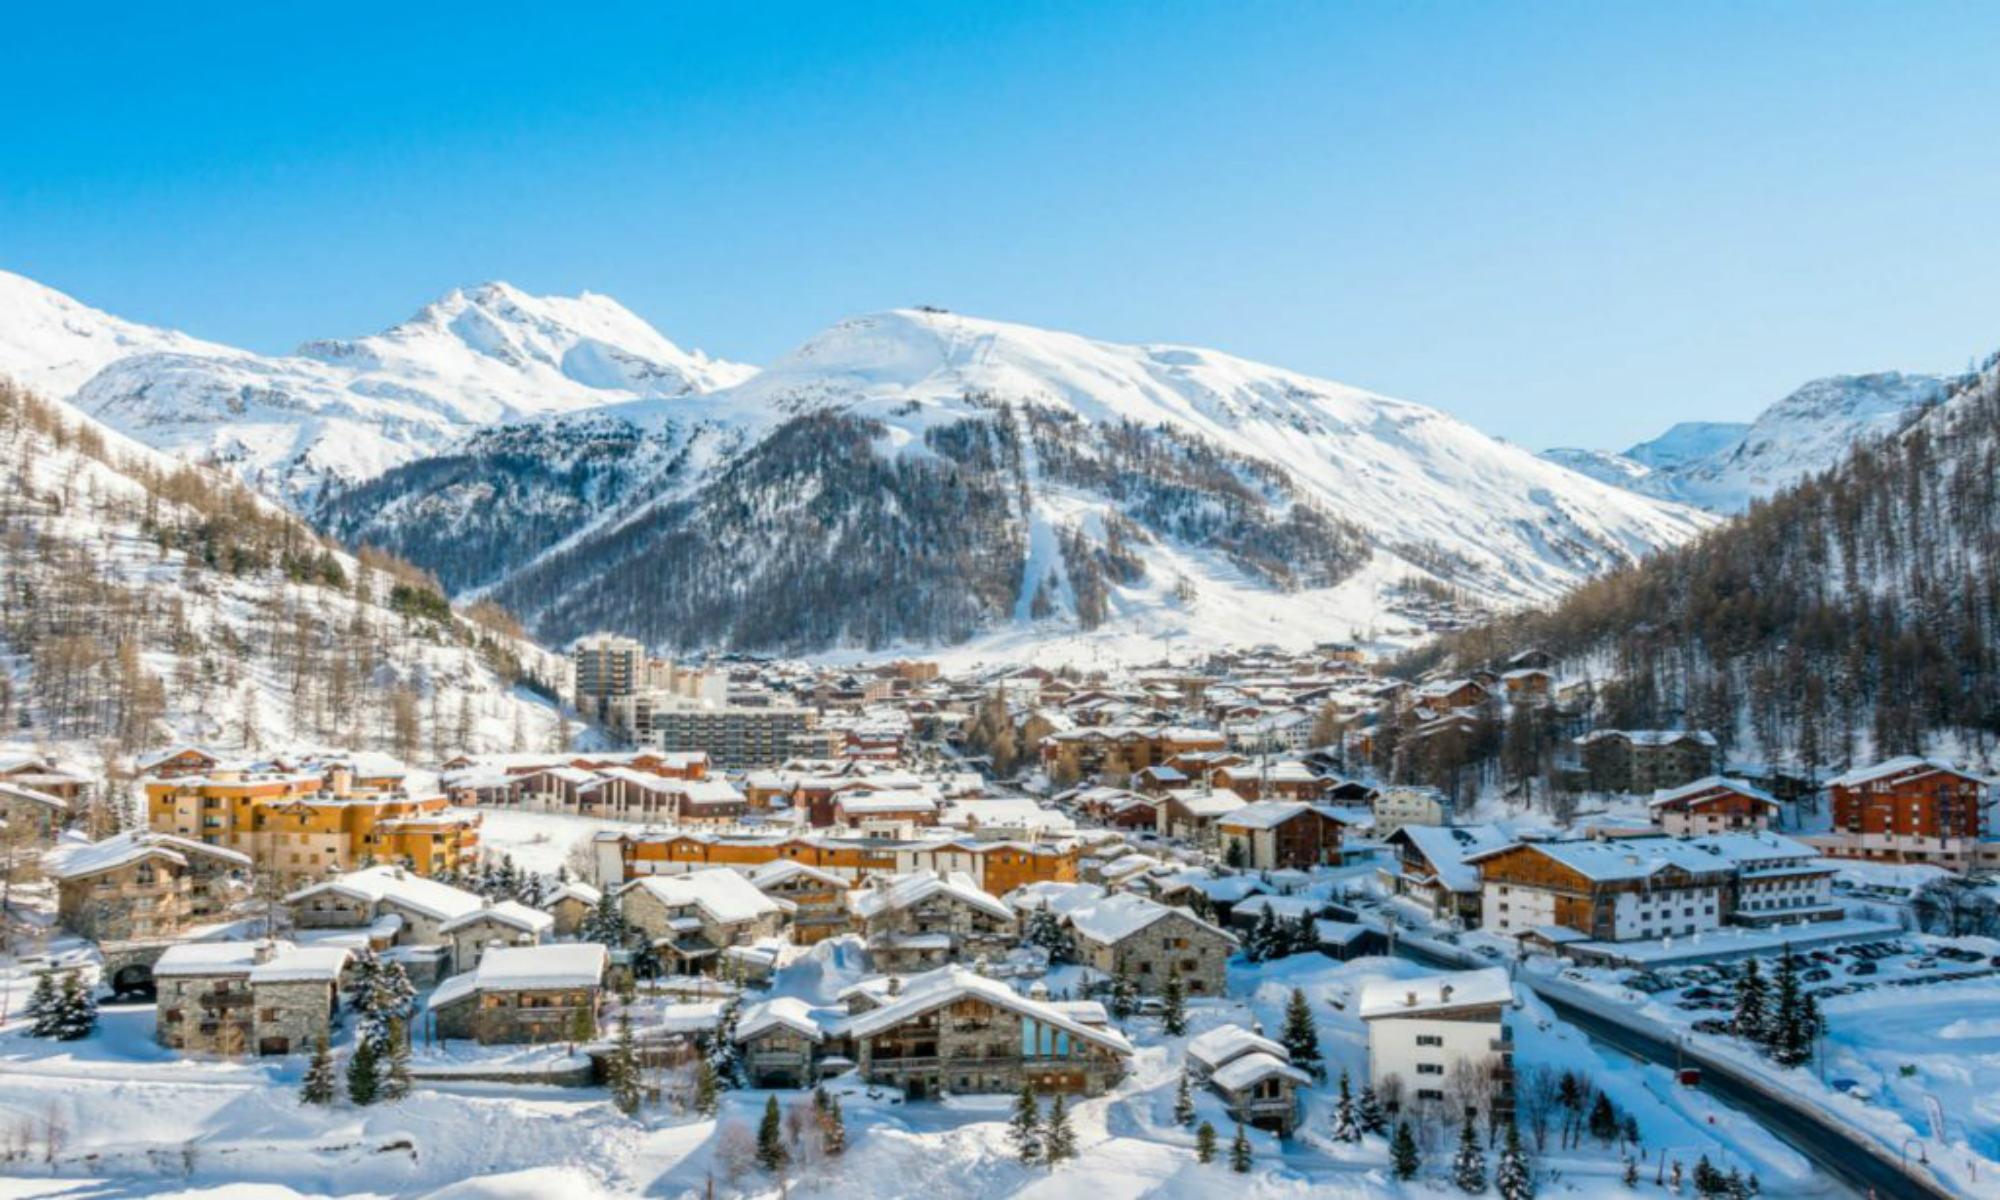 Vue ensoleillée sur la station de ski de Val d'Isère et la face de Bellevarde.